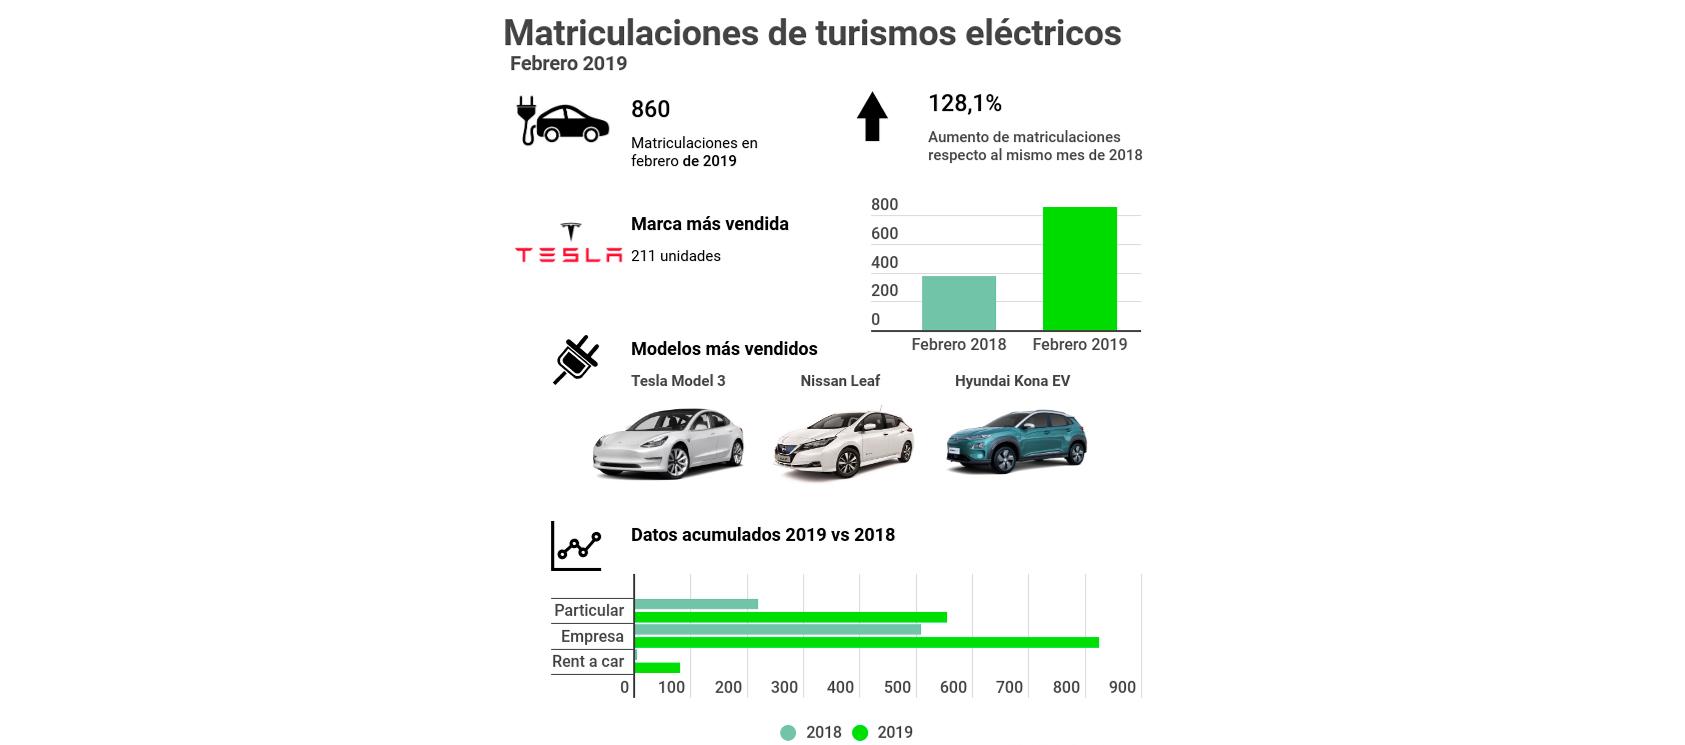 Los turismos eléctricos duplican sus ventas en lo que van de año